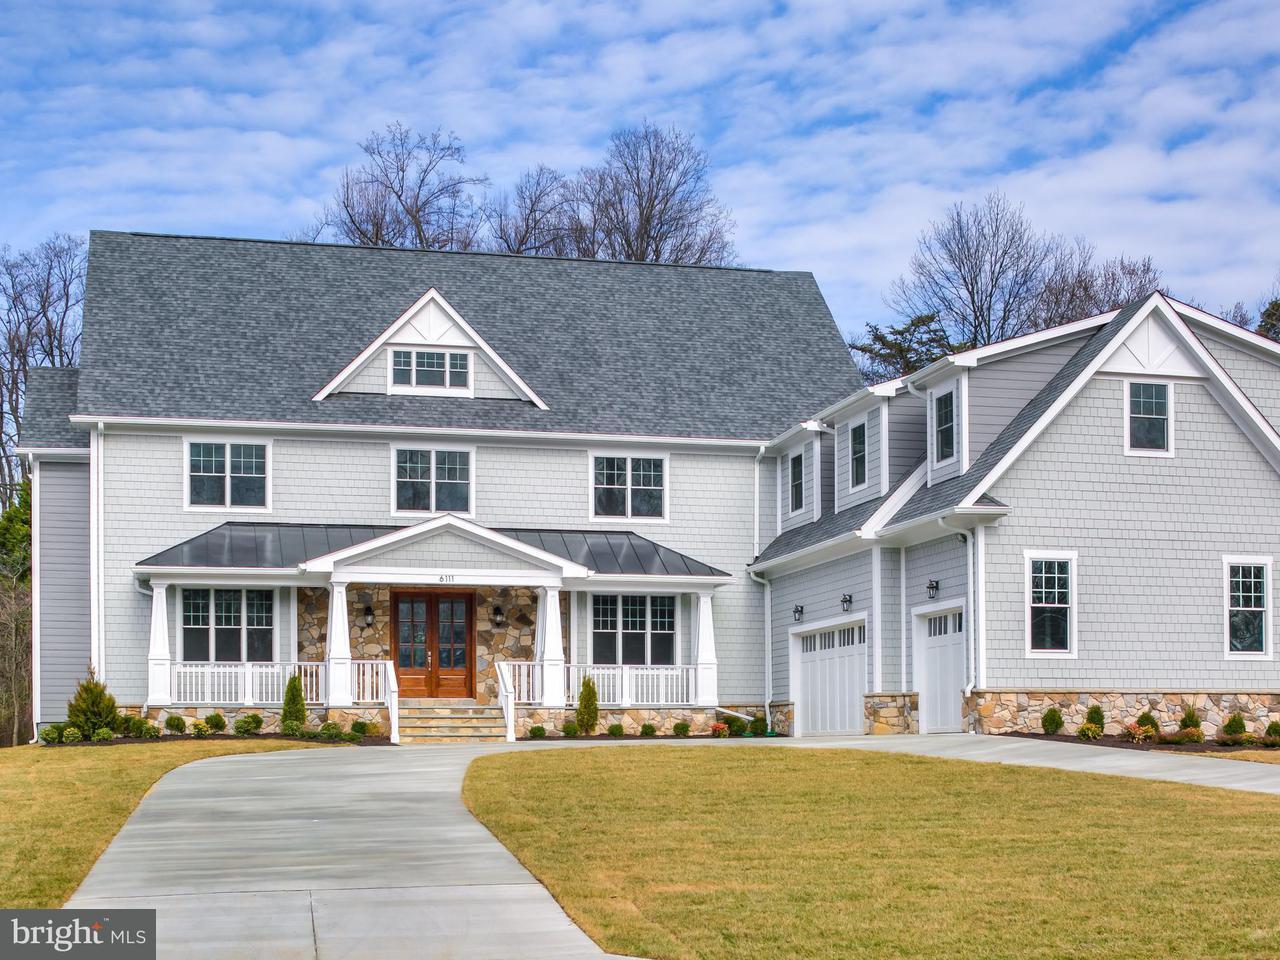 一戸建て のために 売買 アット 6111 ROSELAND Drive 6111 ROSELAND Drive North Bethesda, メリーランド 20852 アメリカ合衆国